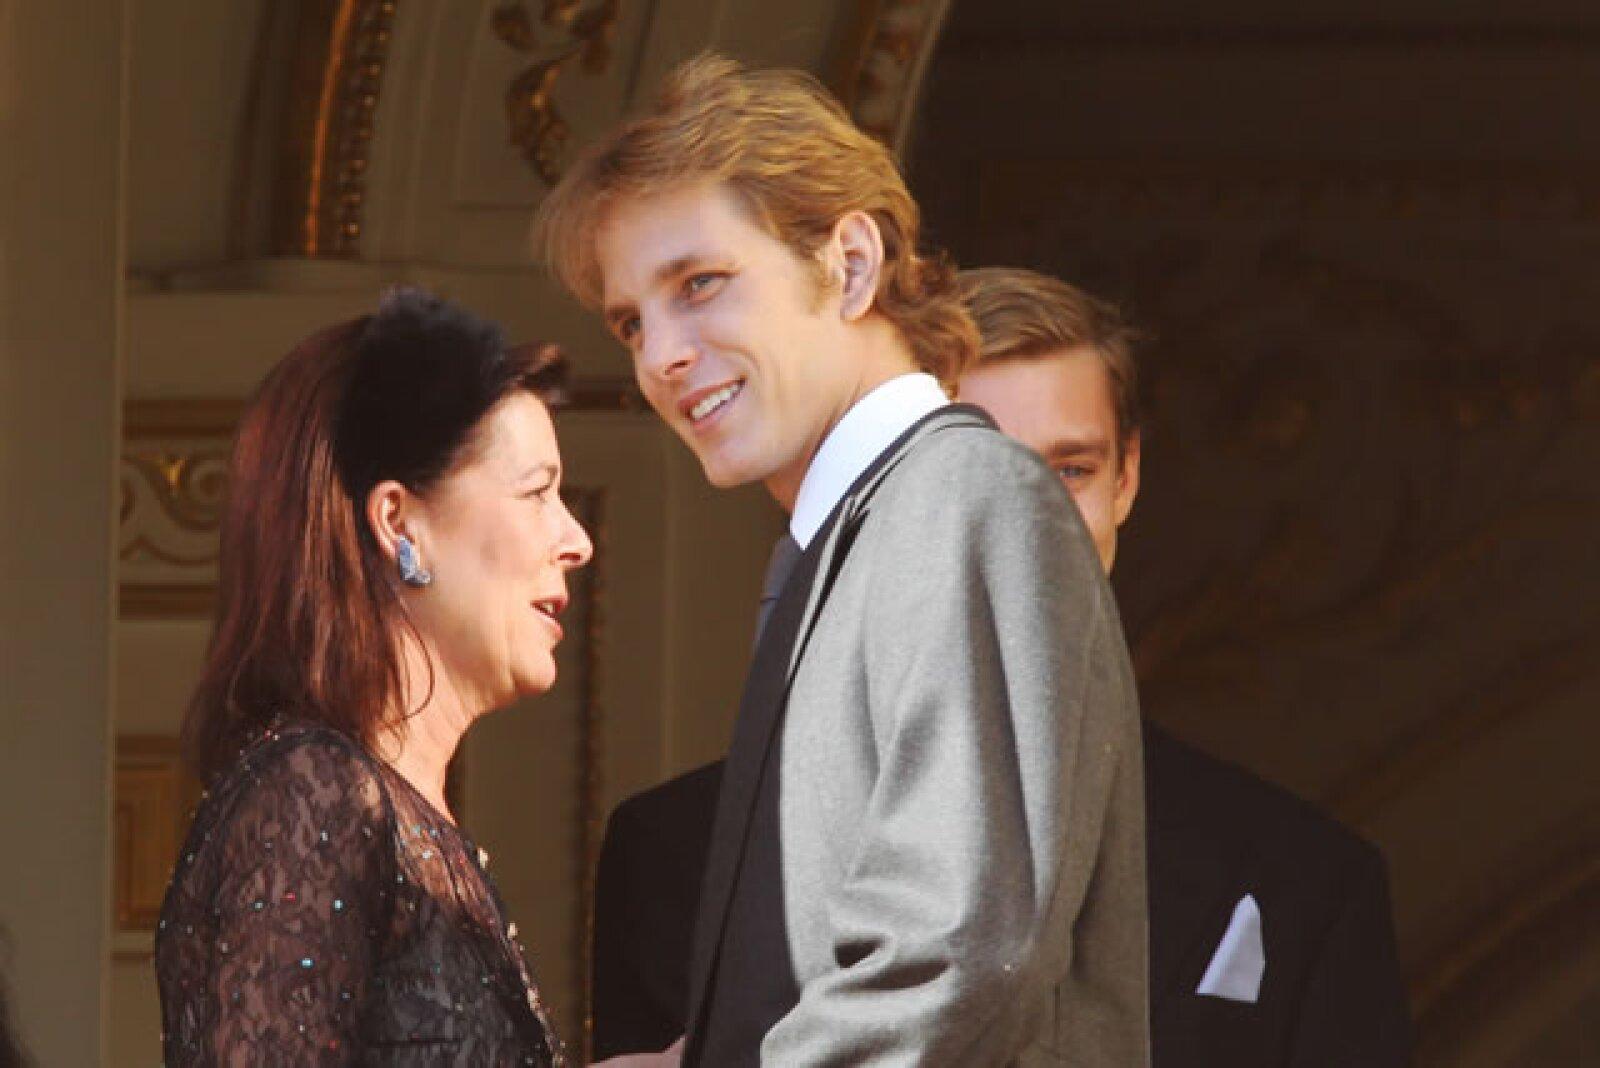 En este perfil no queda duda que Andrea es el príncipe más atractivo de Europa. Aunque hay que mencionar que no tiene título oficial pues su mamá se lo quitó de pequeño para que viviera una vida relativamente normal.